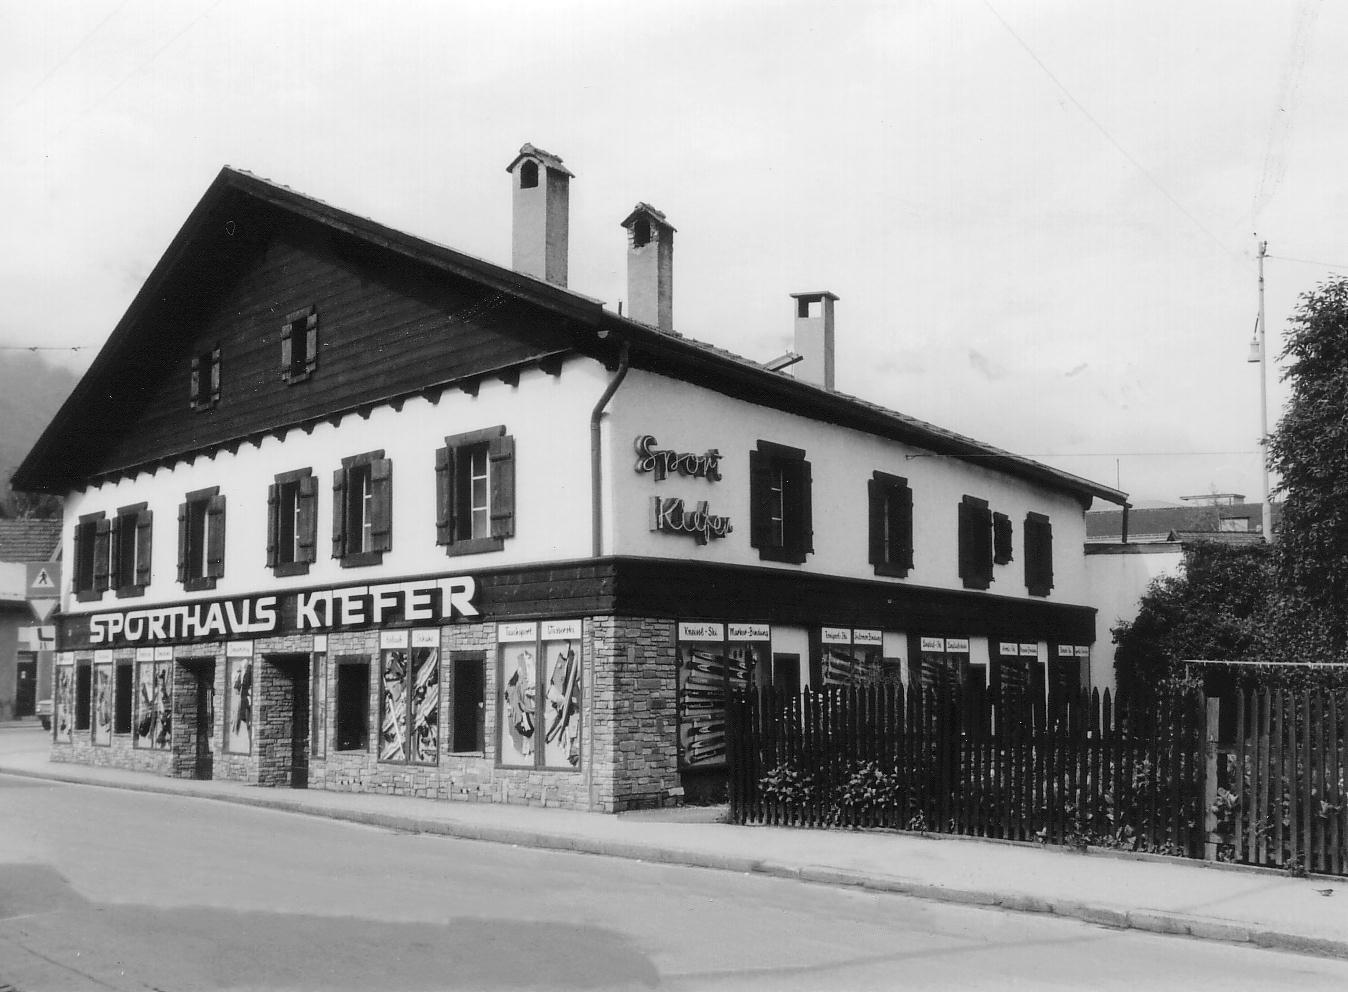 Sporthaus Kiefer In Pradl